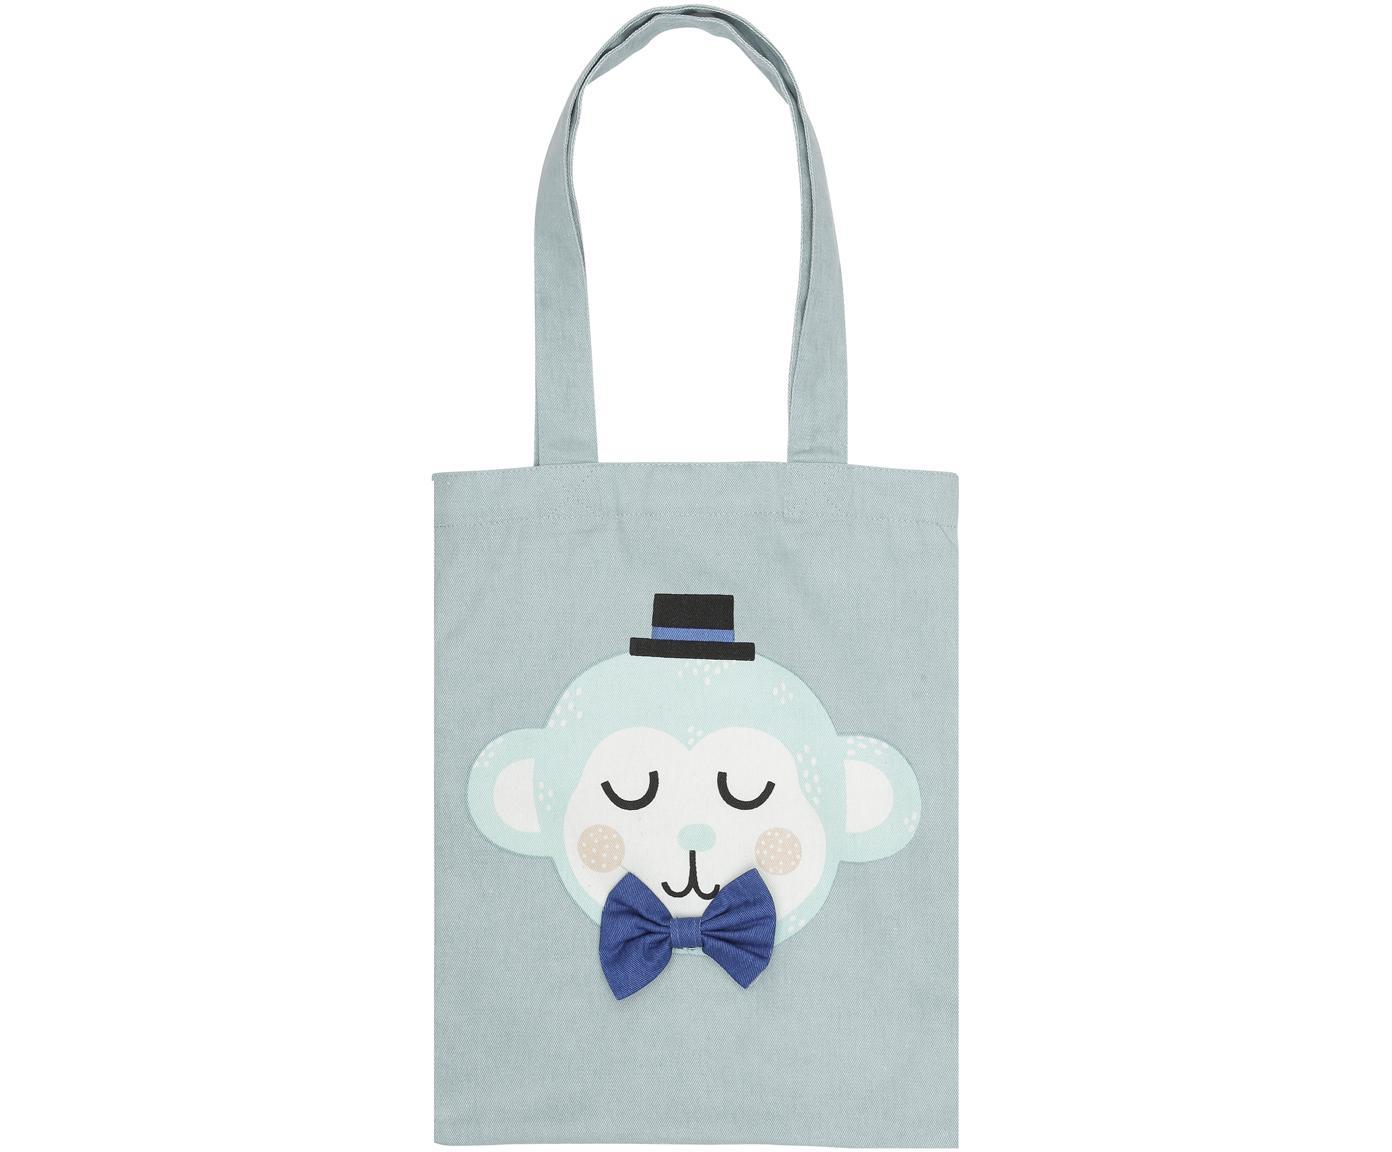 Torba z bawełny organicznej Monkey Monty, Bawełna organiczna, Niebieski, biały, blady różowy, czarny, S 25 x W 32 cm